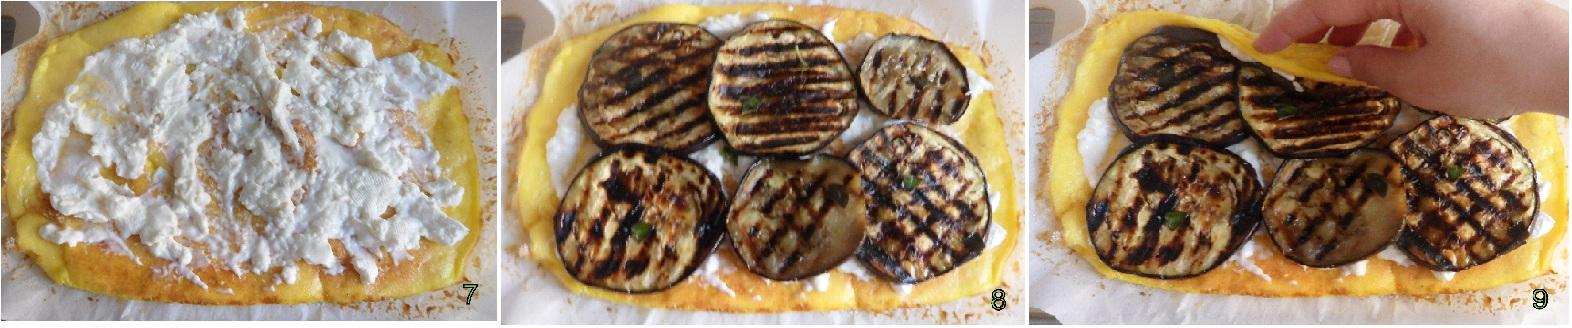 rotolo di frittata con stracchino e melanzane ricetta piatto freddo il chicco di mais 3